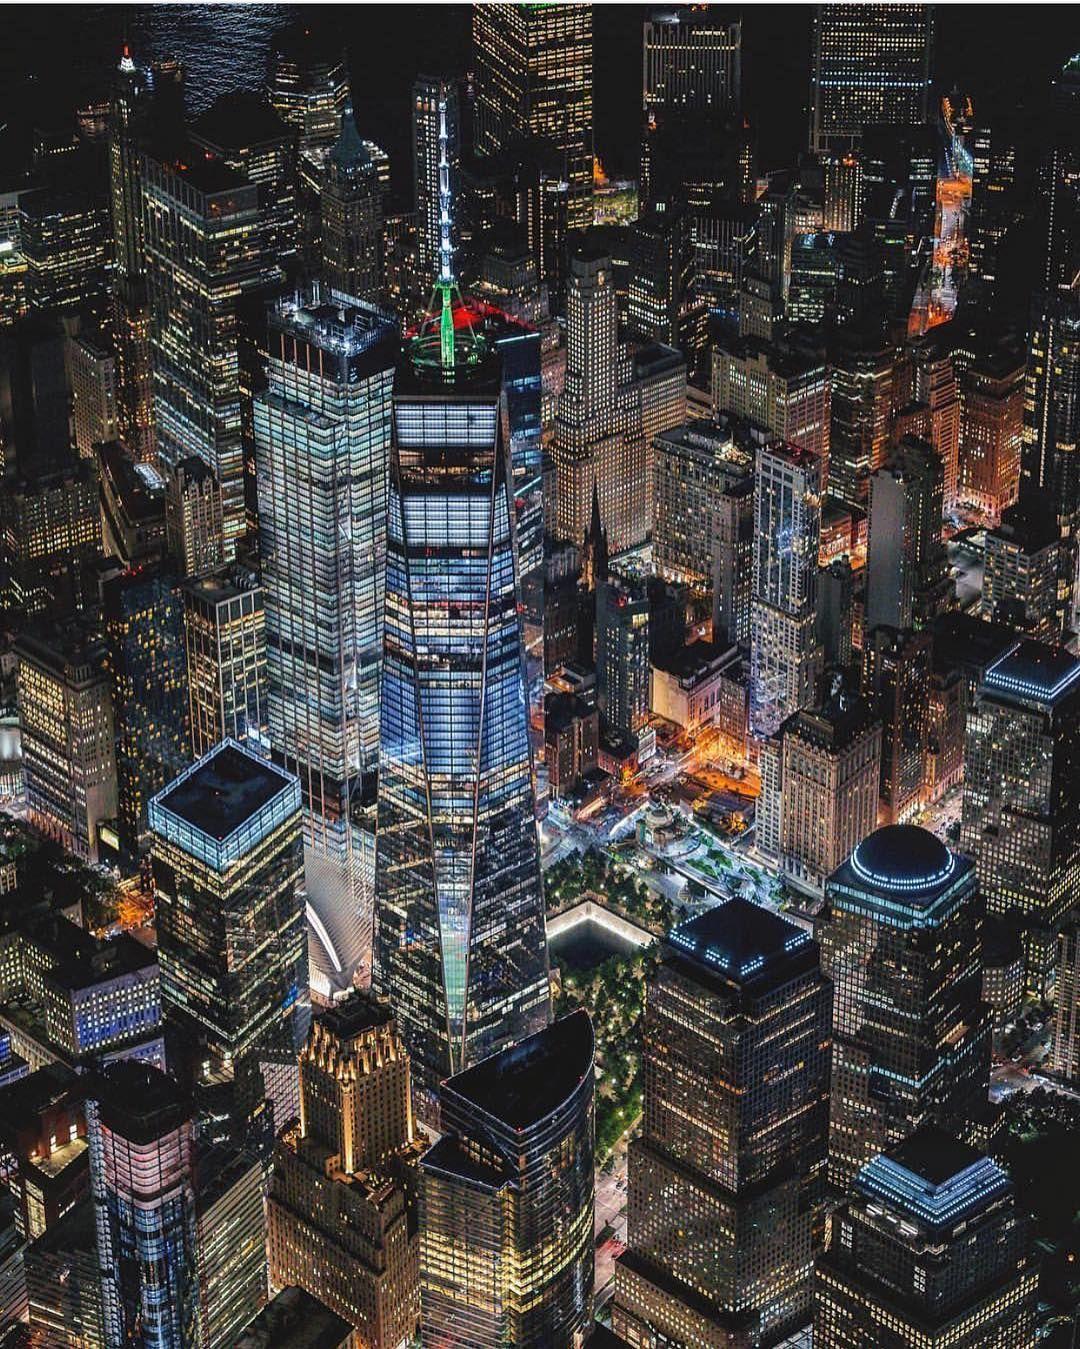 Pin de Tami szw en nyc   Pinterest   Impresionante, Nueva york y Marcos